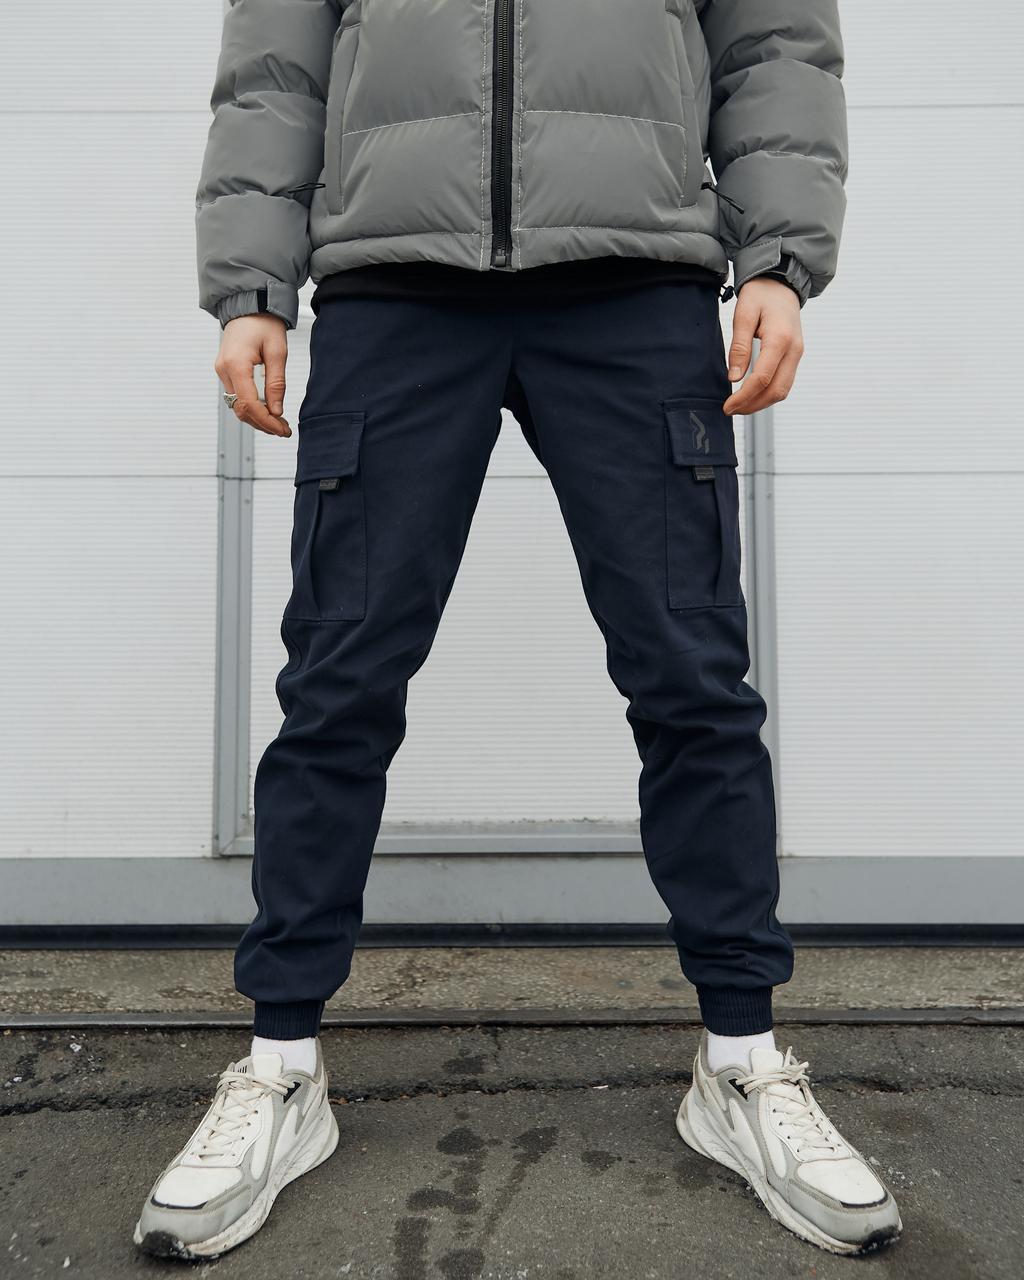 Теплые брюки карго мужские Пушка Огонь Slot темно-синие